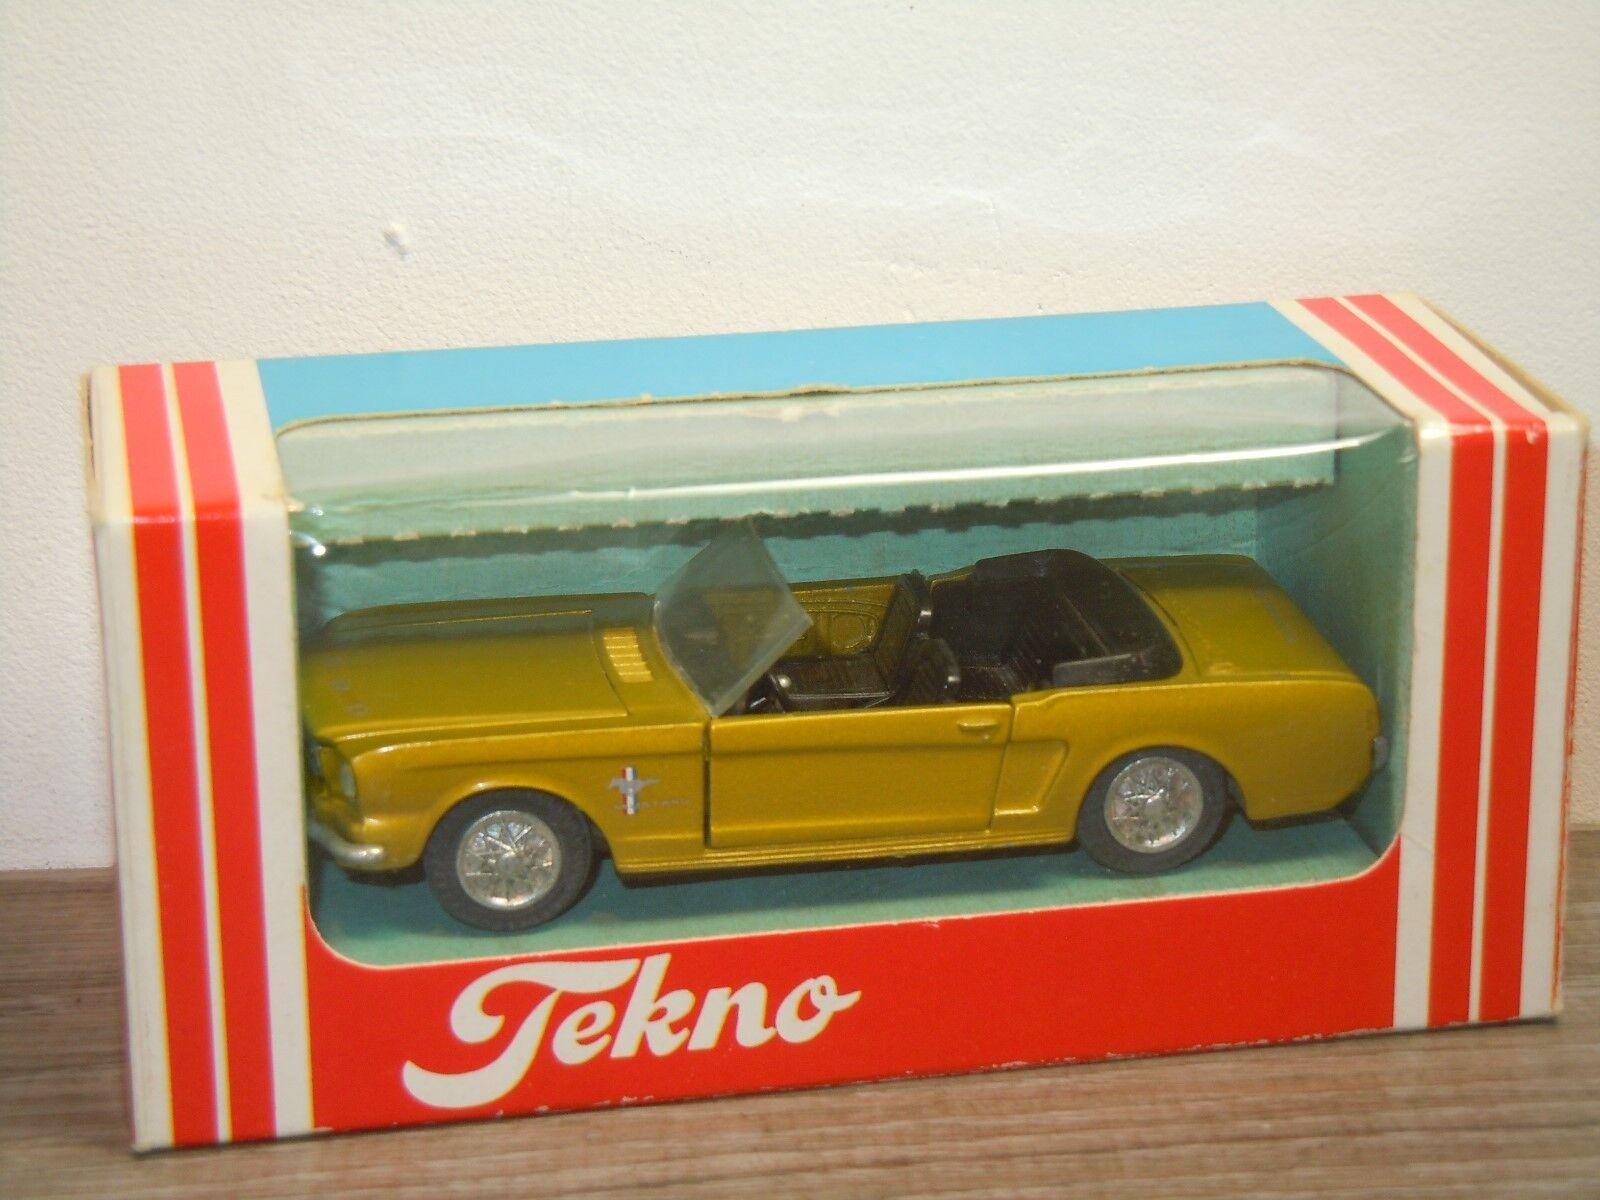 il più recente Ford Mustang Converdeible - Tekno Denmark in scatola 36361 36361 36361  consegna veloce e spedizione gratuita per tutti gli ordini